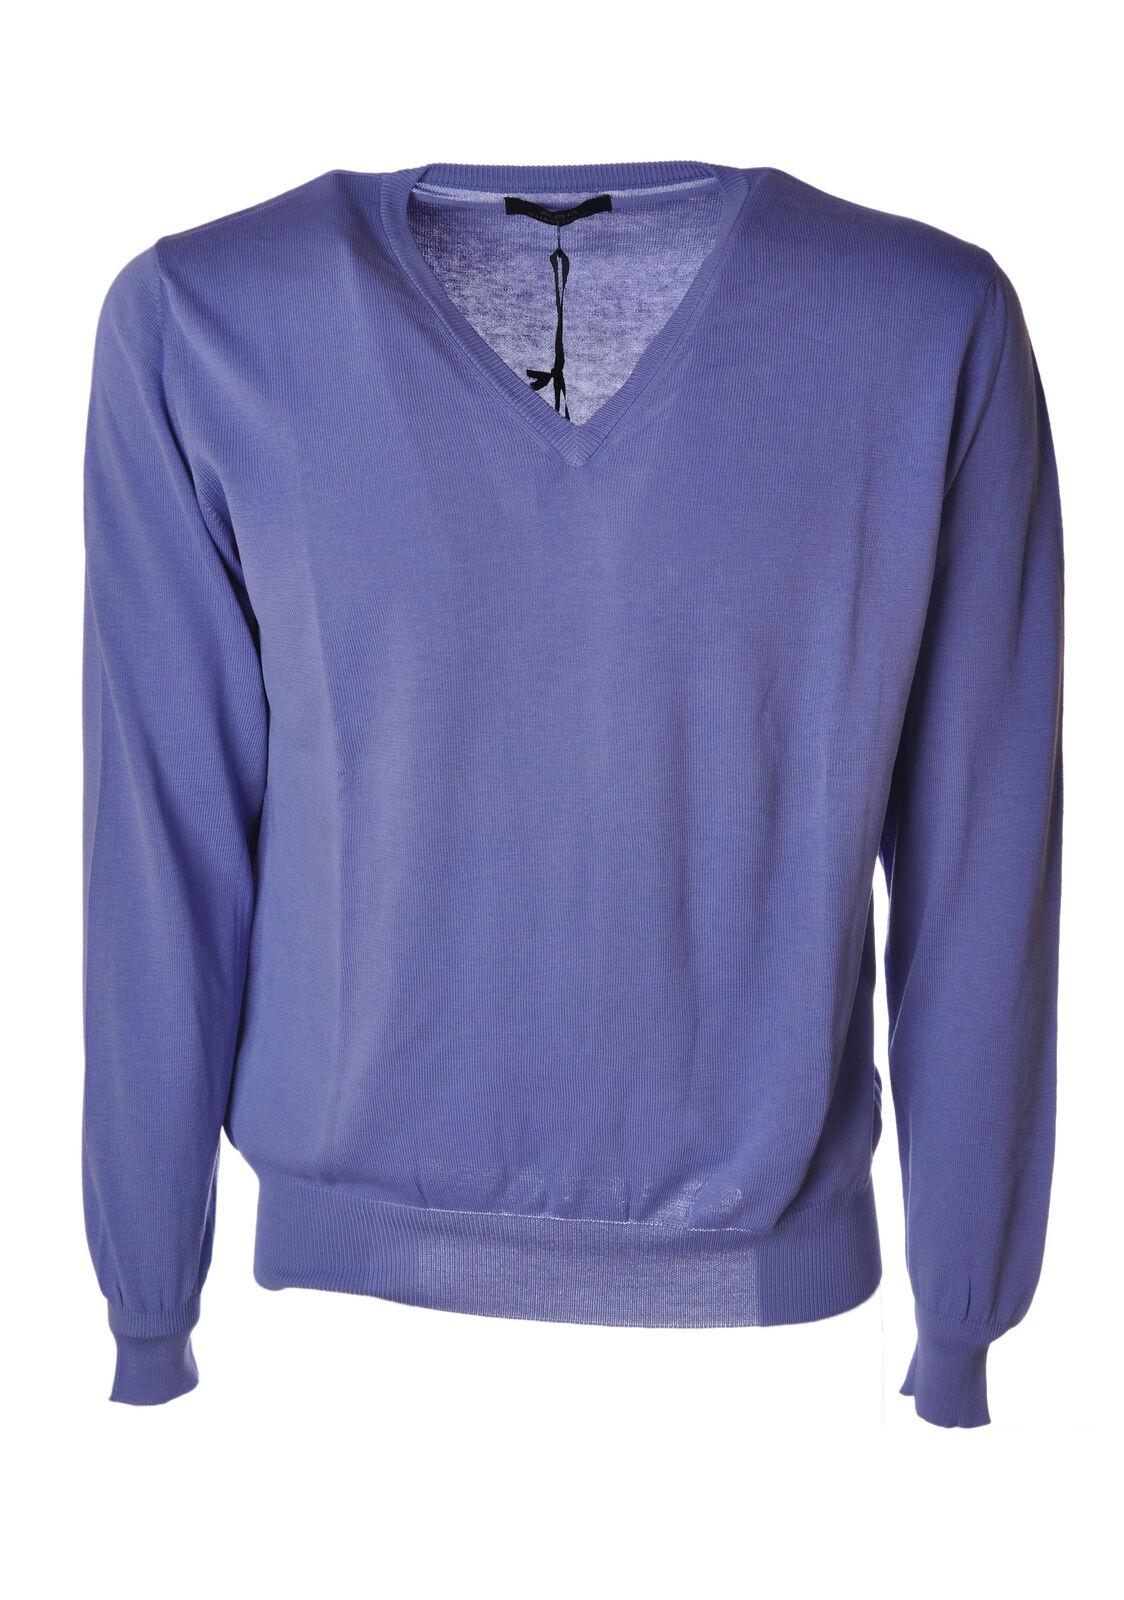 Alpha - Knitwear-Sweaters - Man - Blau - 4625311D183852